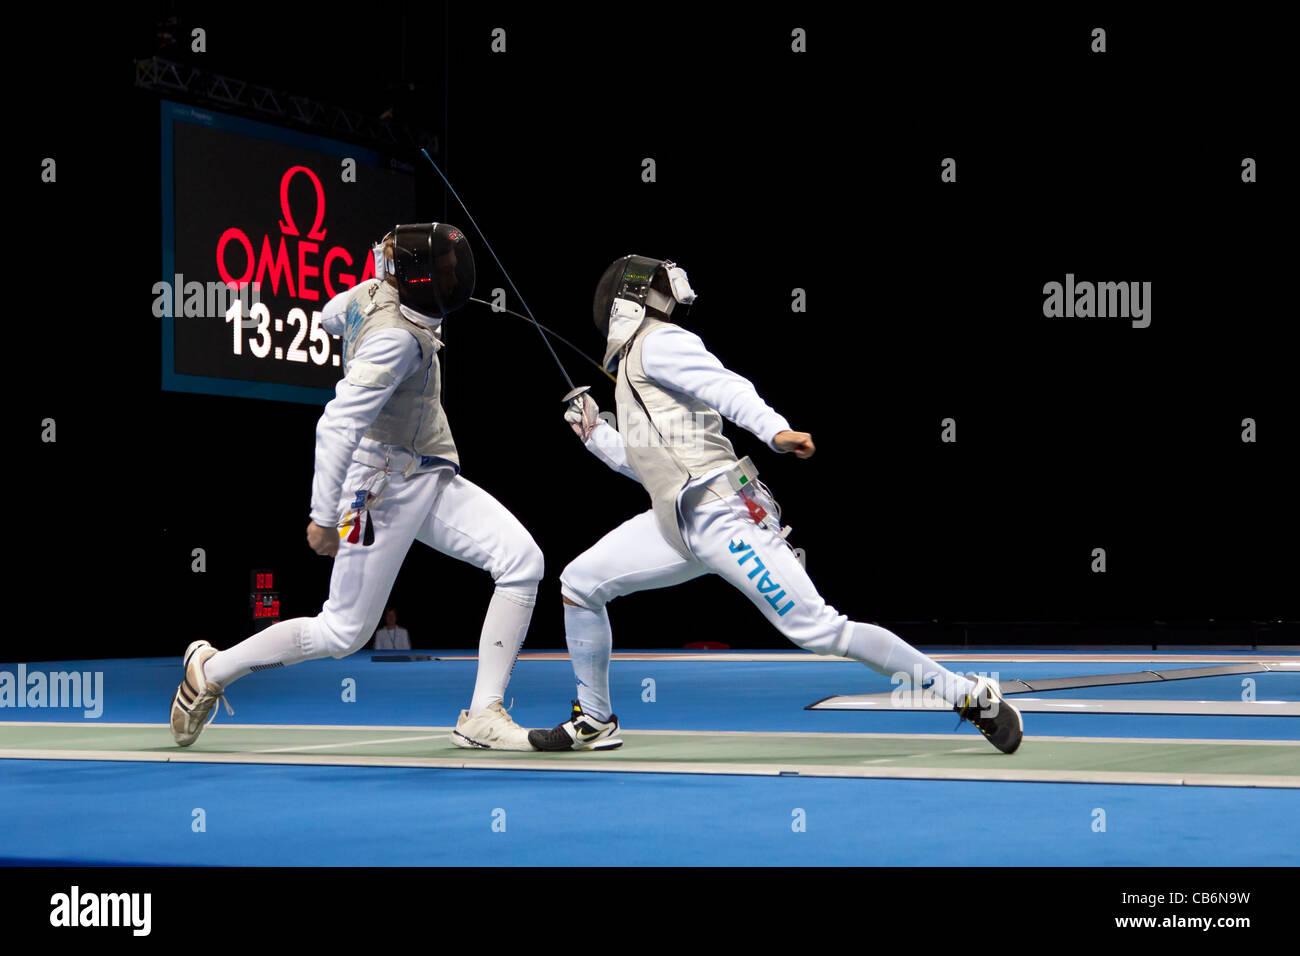 Finale de l'équipe aux Jeux Olympiques d'escrime au fleuret, test event London's ExCeL arena. Gagnés Photo Stock